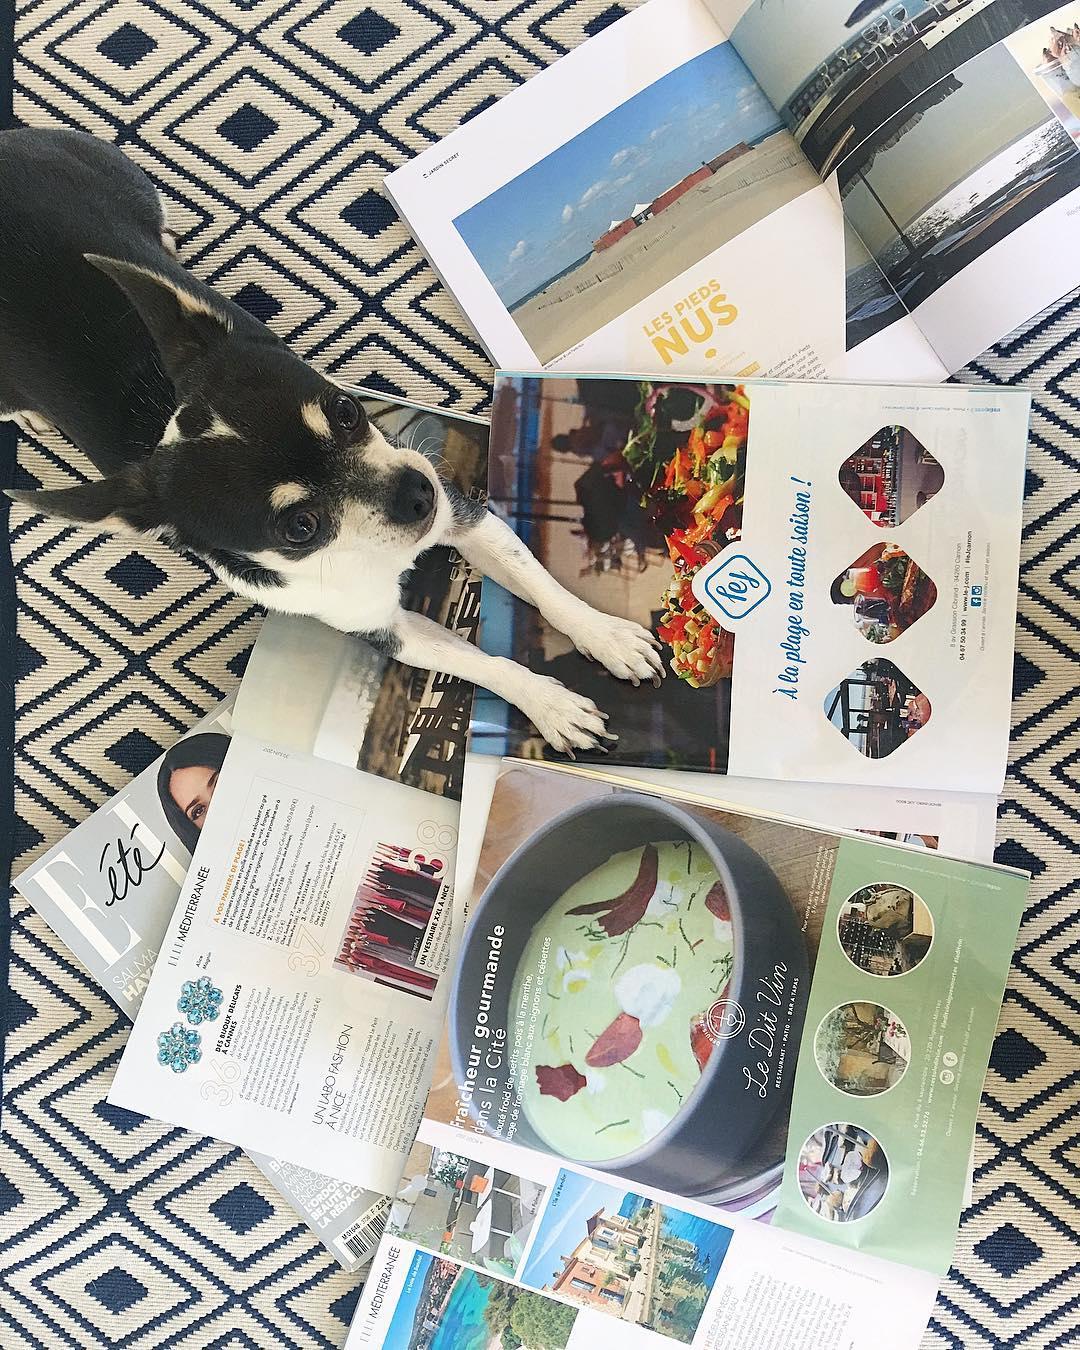 Attila et les devoirs de vacances... il a fait sa sélection avec les cOpines de @ellefr et @metropolitainfr : ➕ @leditvin ➕ @plagelespiedsnus ➕ @le_j_carnon . ❤️? On y court et articles à venir... dans la foulée !  ___________  #ellemagazine #presse #magazine #lejcarnon #plagelespiedsnus #leditvinaiguesmortes #occitanie #restaurant #food #blogfood #foodporn #montpellier #pintademontpellier #attilalechihuahua #chihuahua #dog #puppy